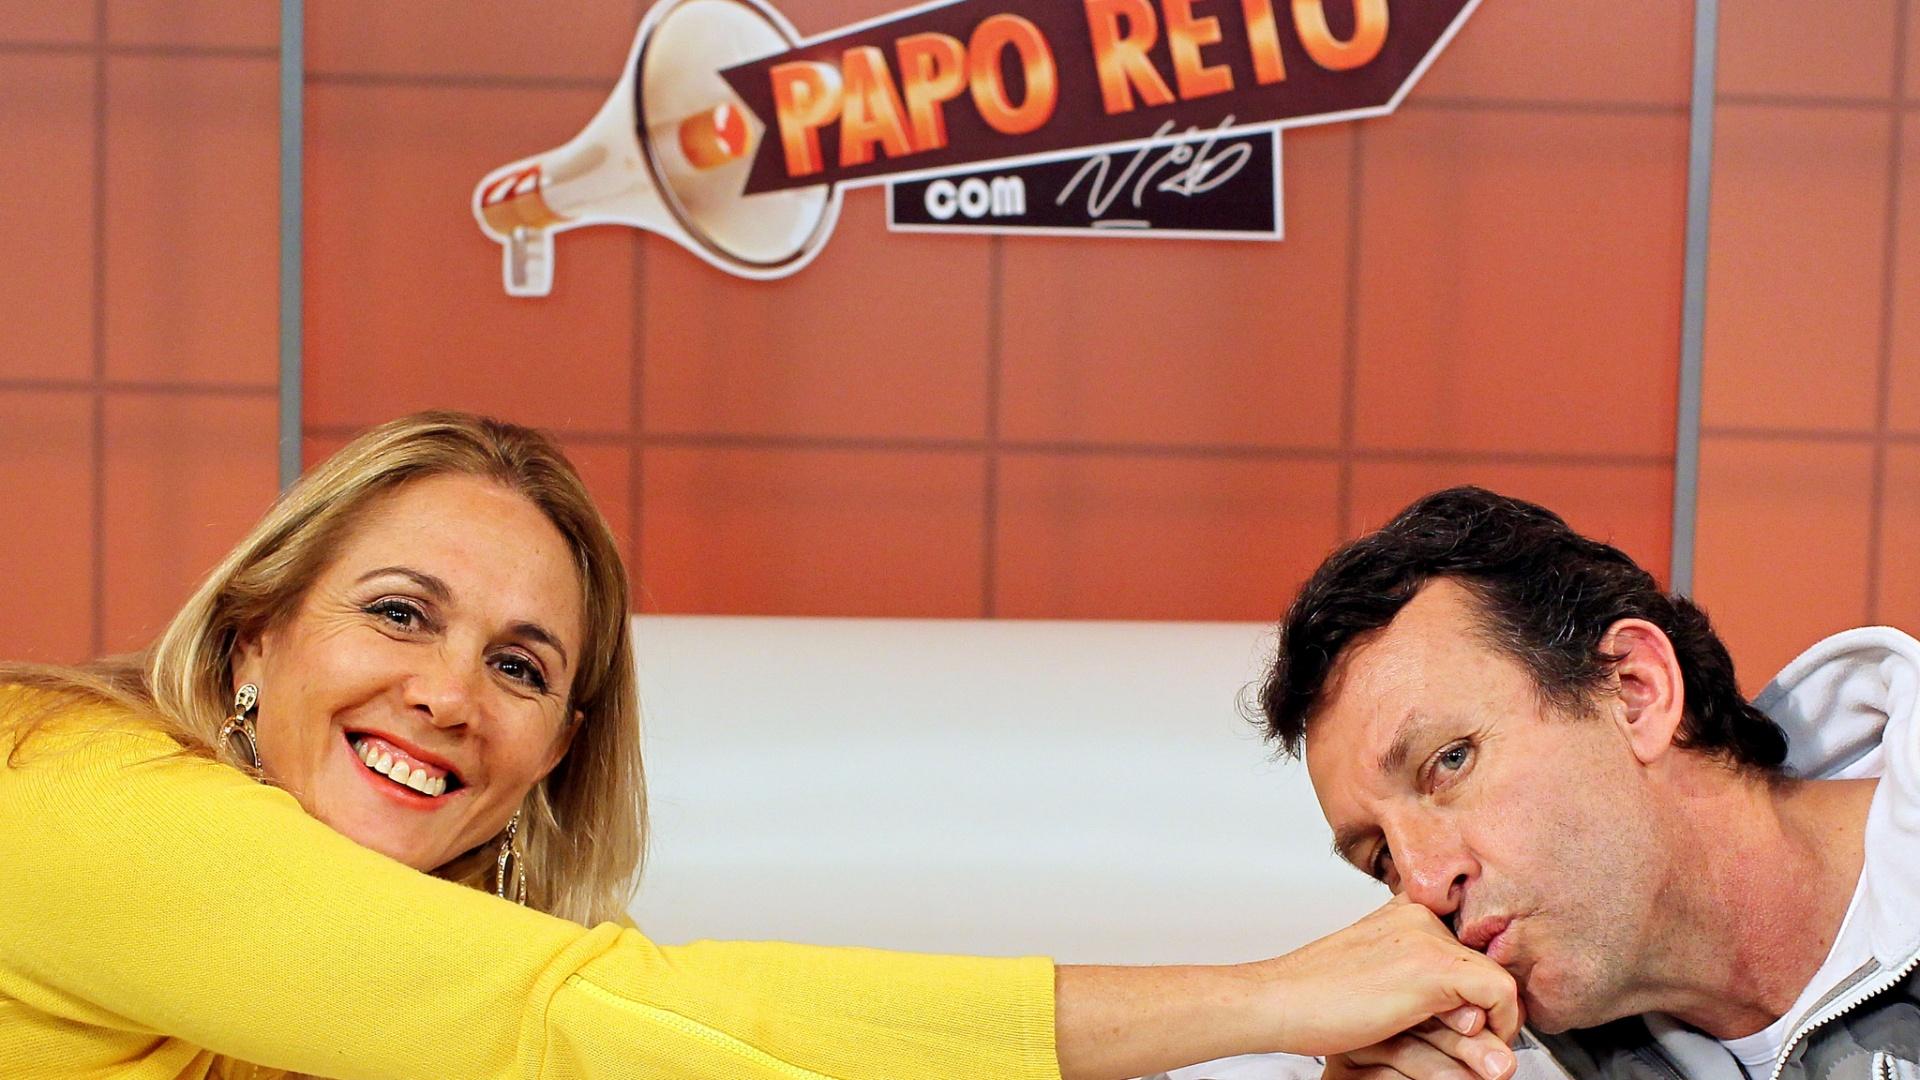 Neto recebeu Hortência nesta terça-feira; ex-jogadora de basquete foi a entrevistada do programa Papo Reto (05/06/2012)